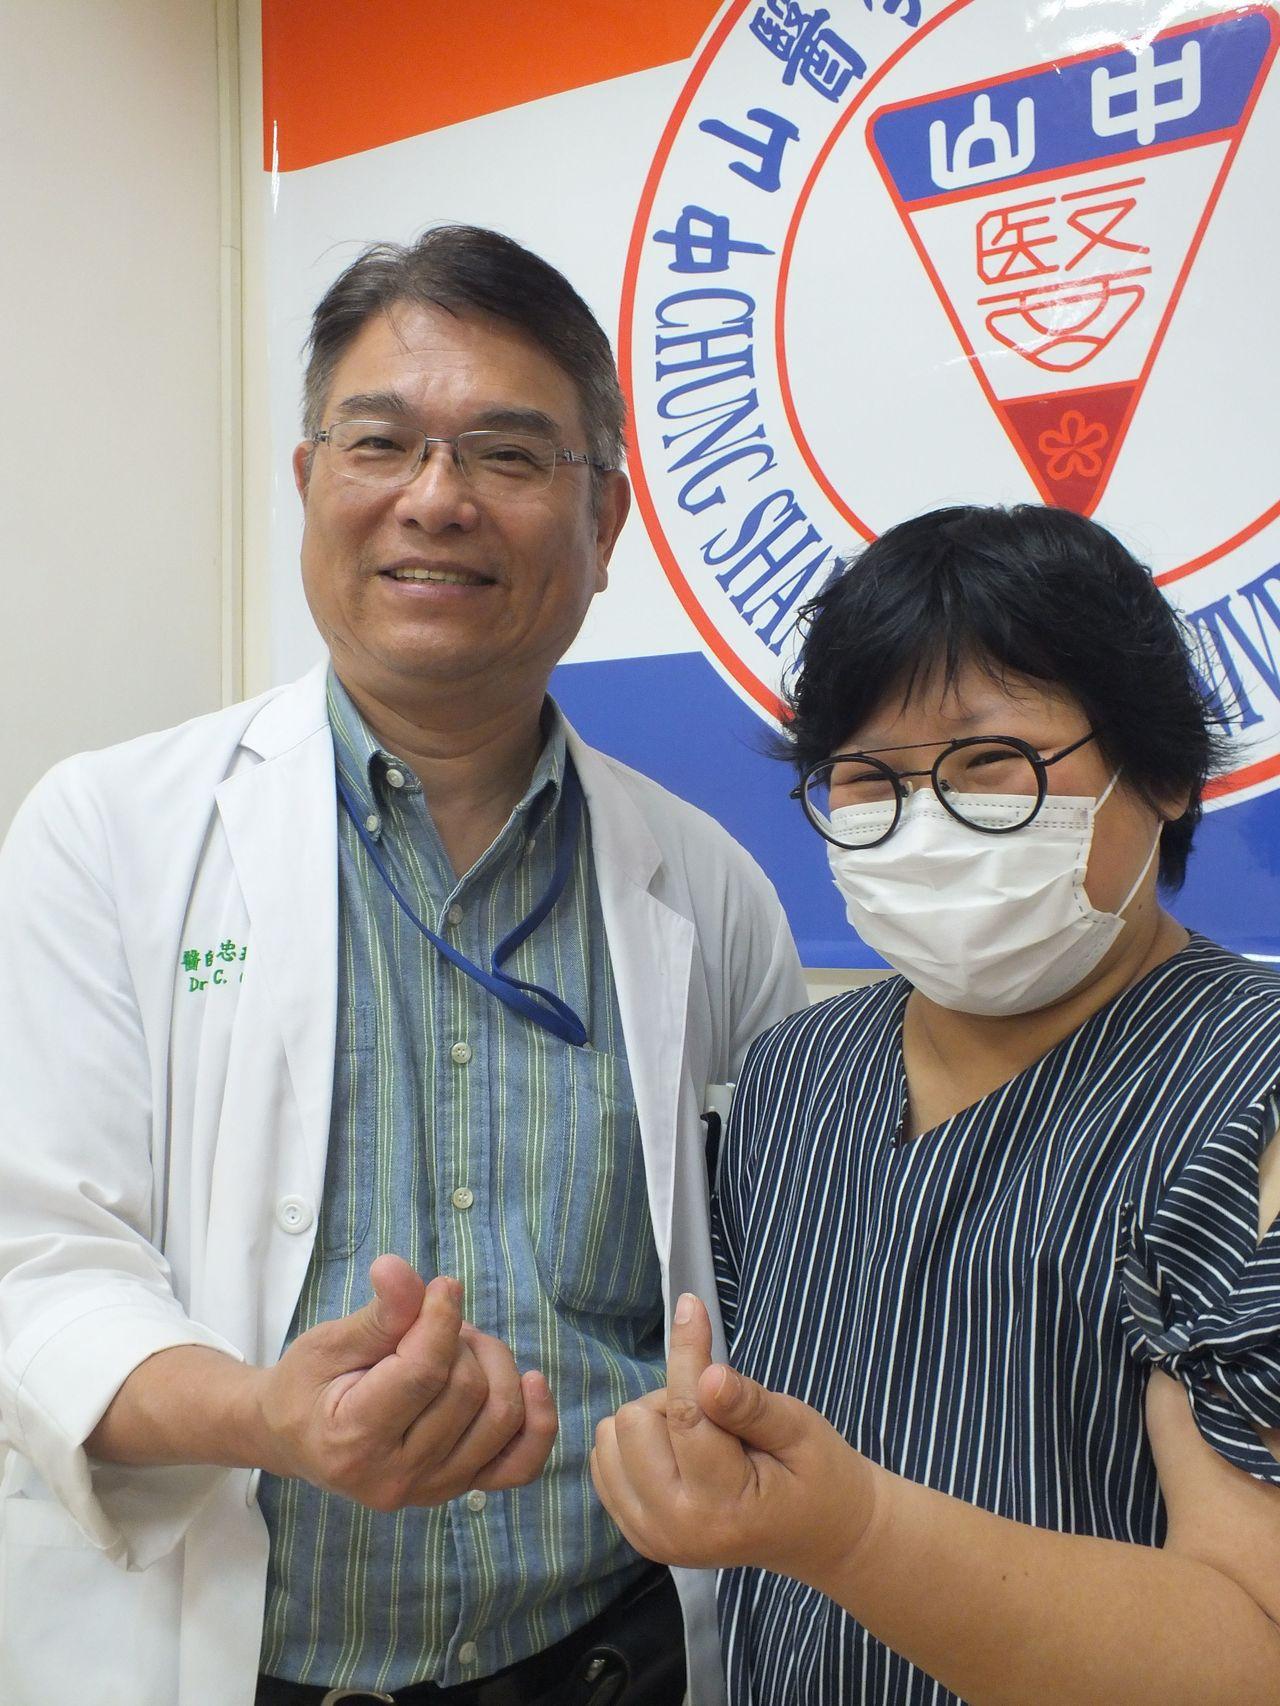 陳姓女病患(右)積極抗癌,她接受治療後,如今回歸工作,去了二趟日本旅遊,她也奉勸...